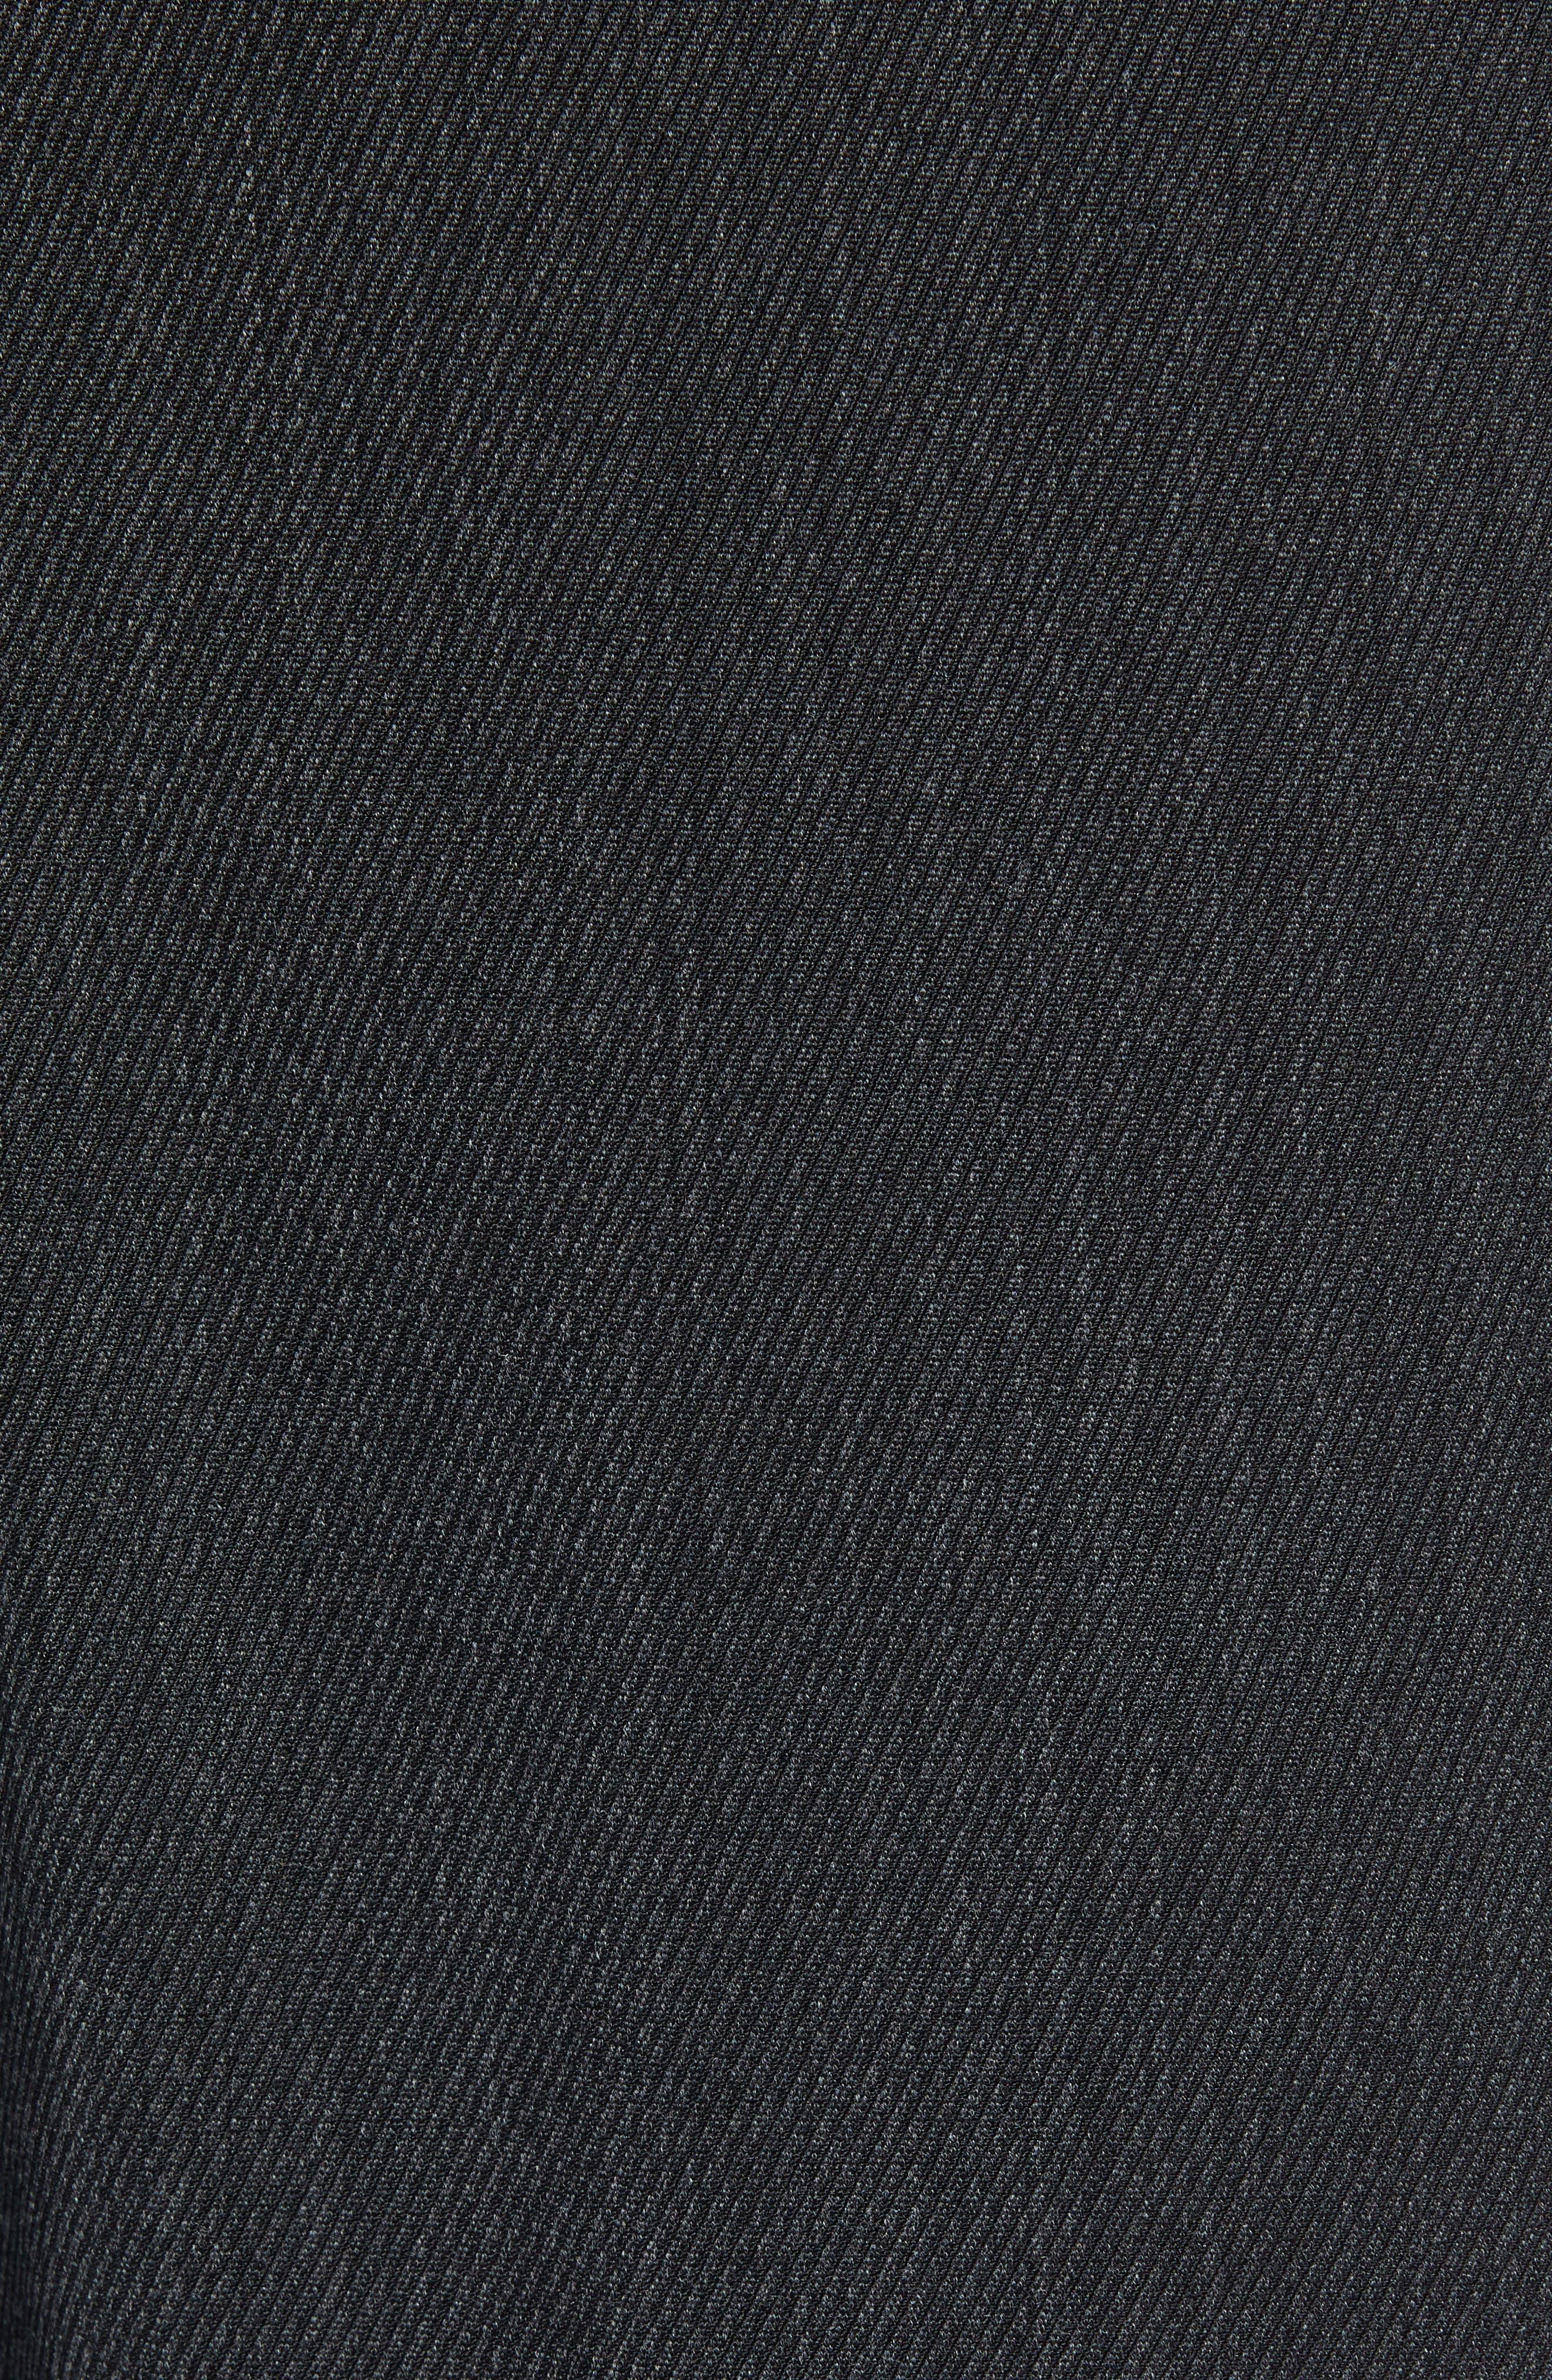 Trim Fit Flat Front Wool Blend Pants,                             Alternate thumbnail 5, color,                             021